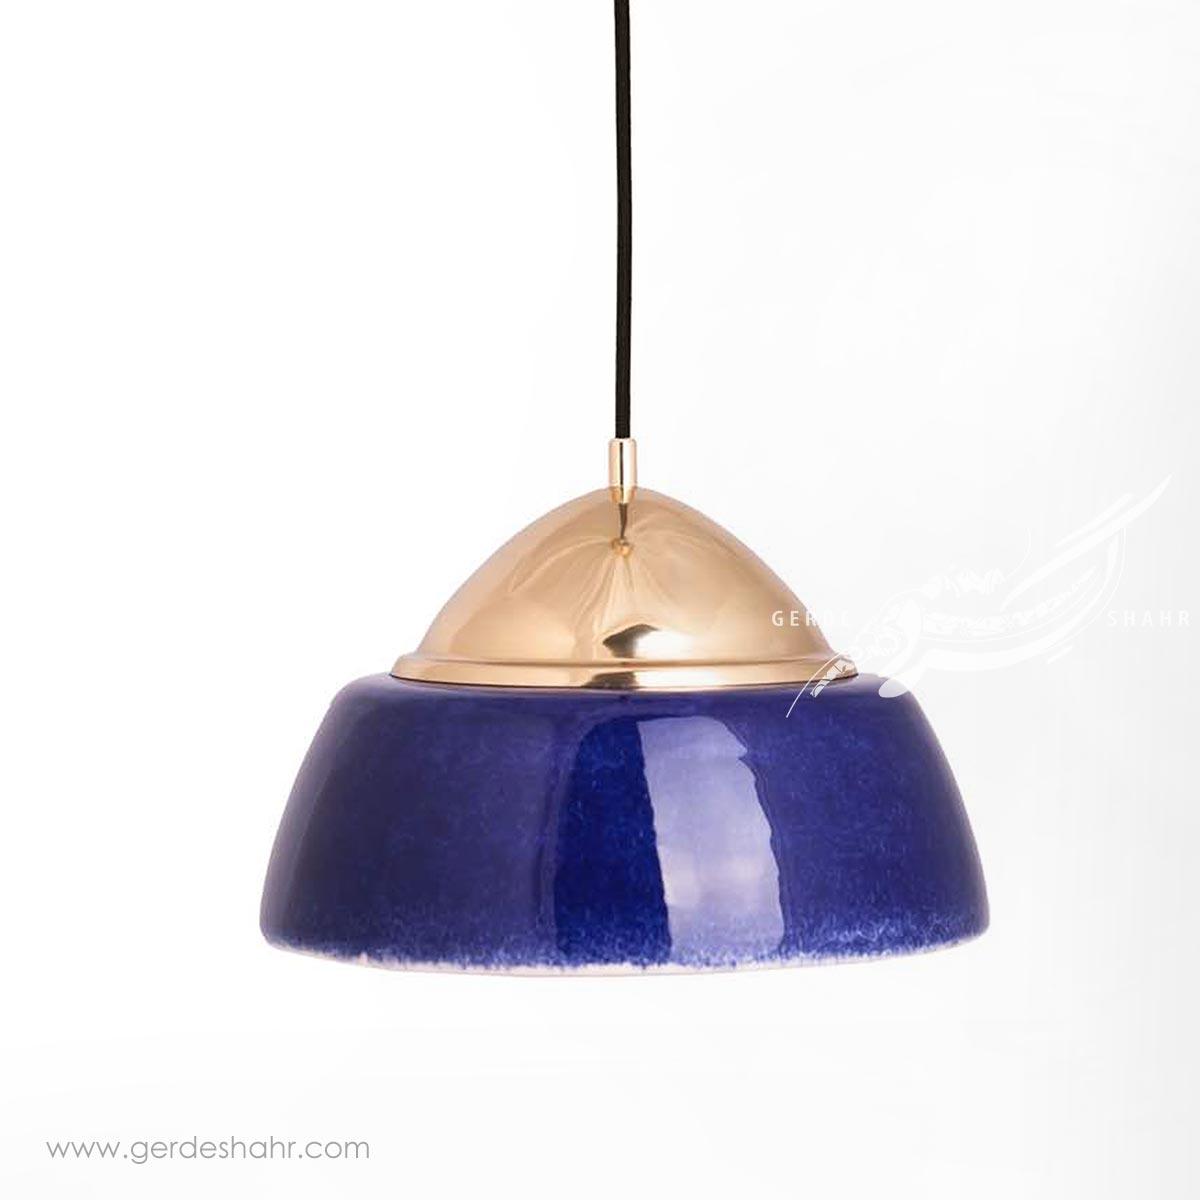 آویز روشنایی گنبد ایرانی لاجوردی بزرگ تیروژ محصولات